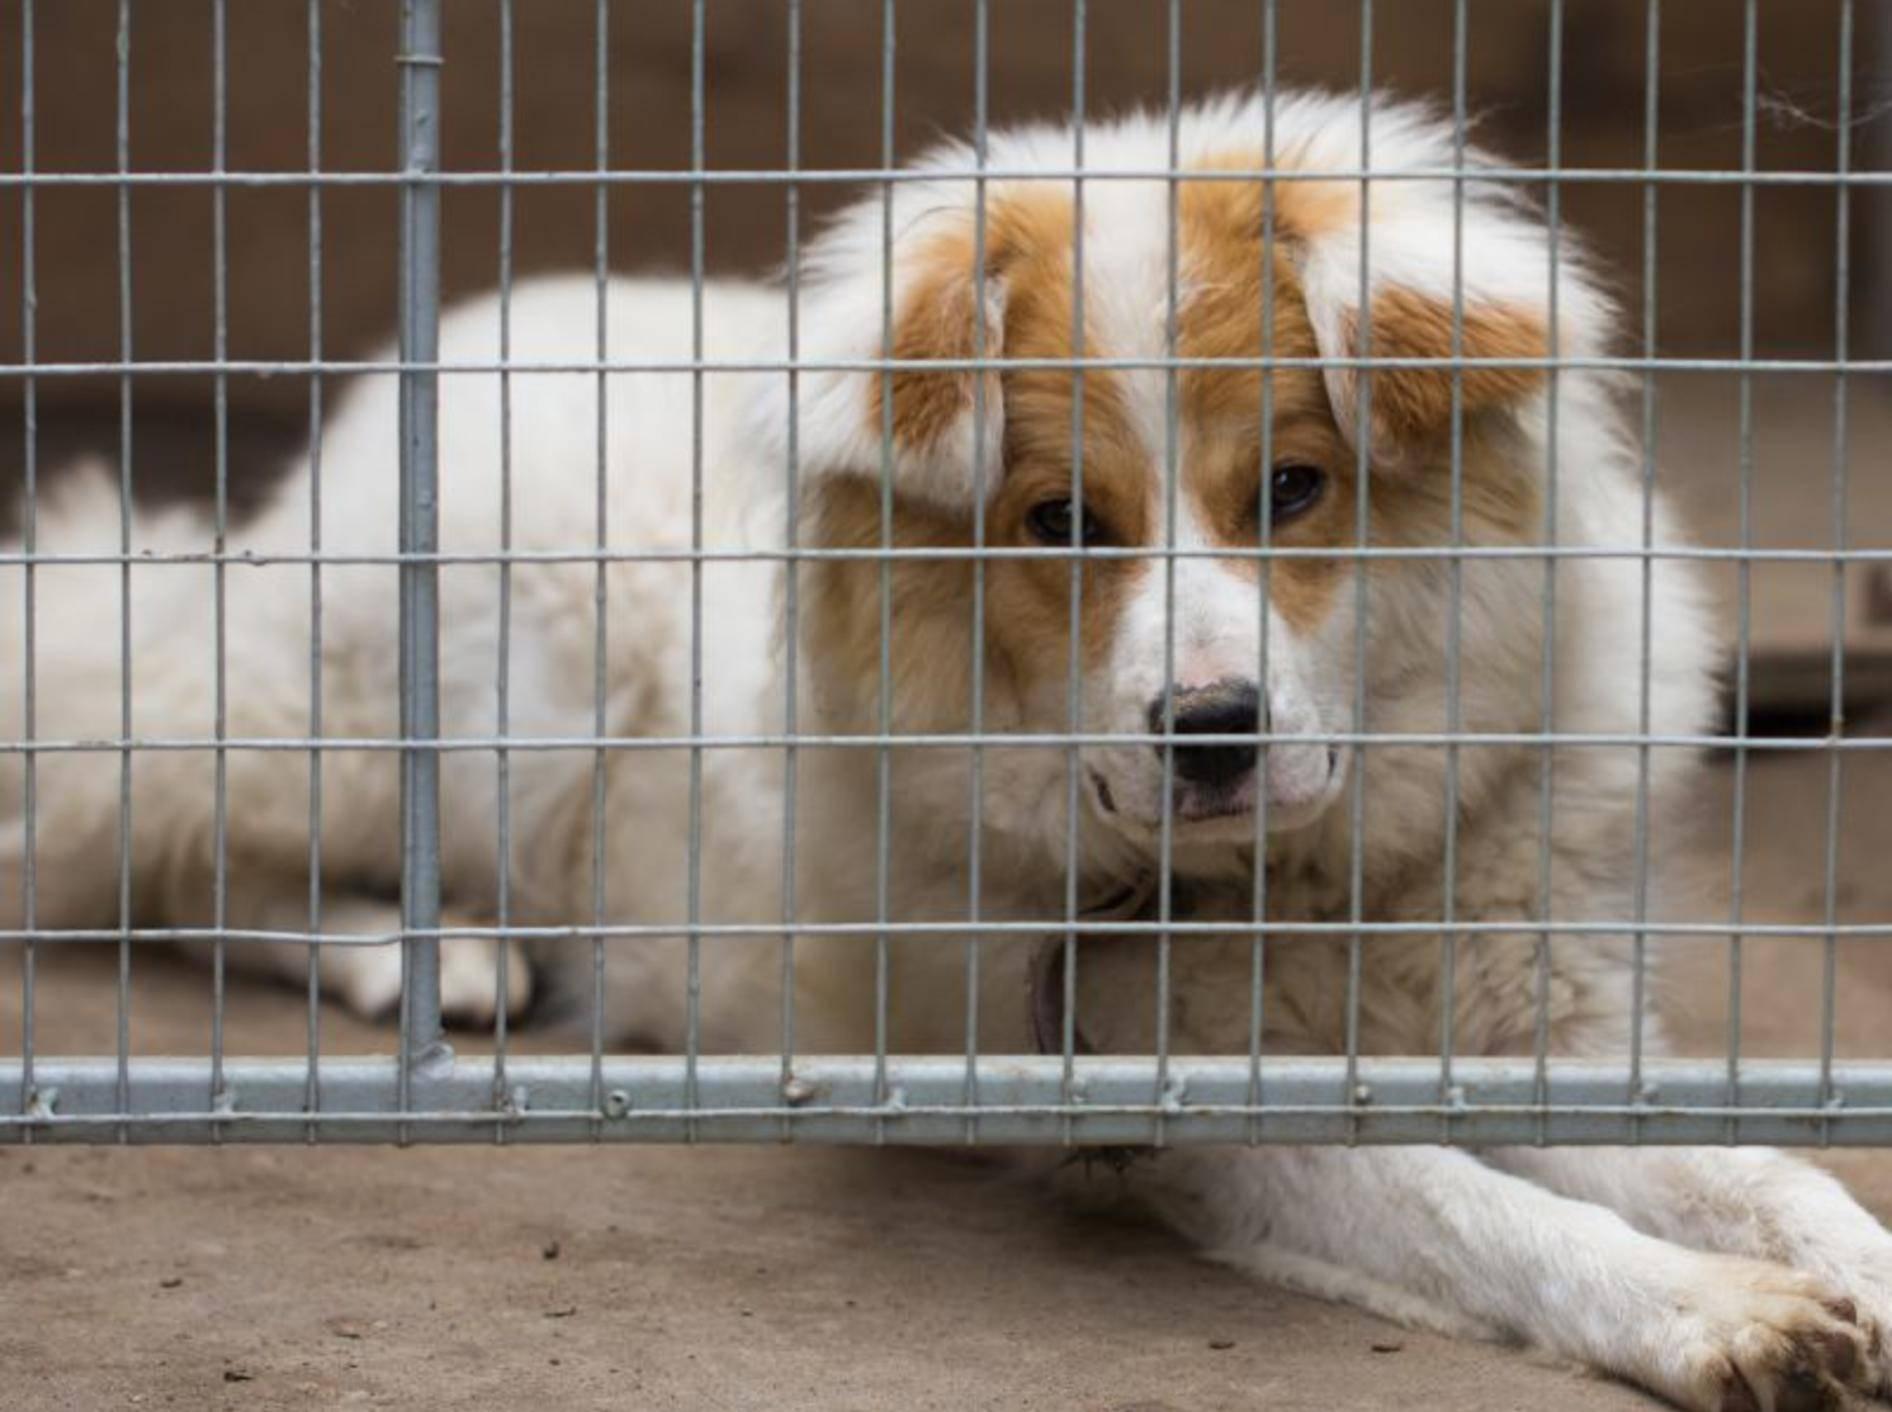 Hunde aus Spanien retten: Hilfe für Tiere in Not — Bild: Shutterstock / schankz